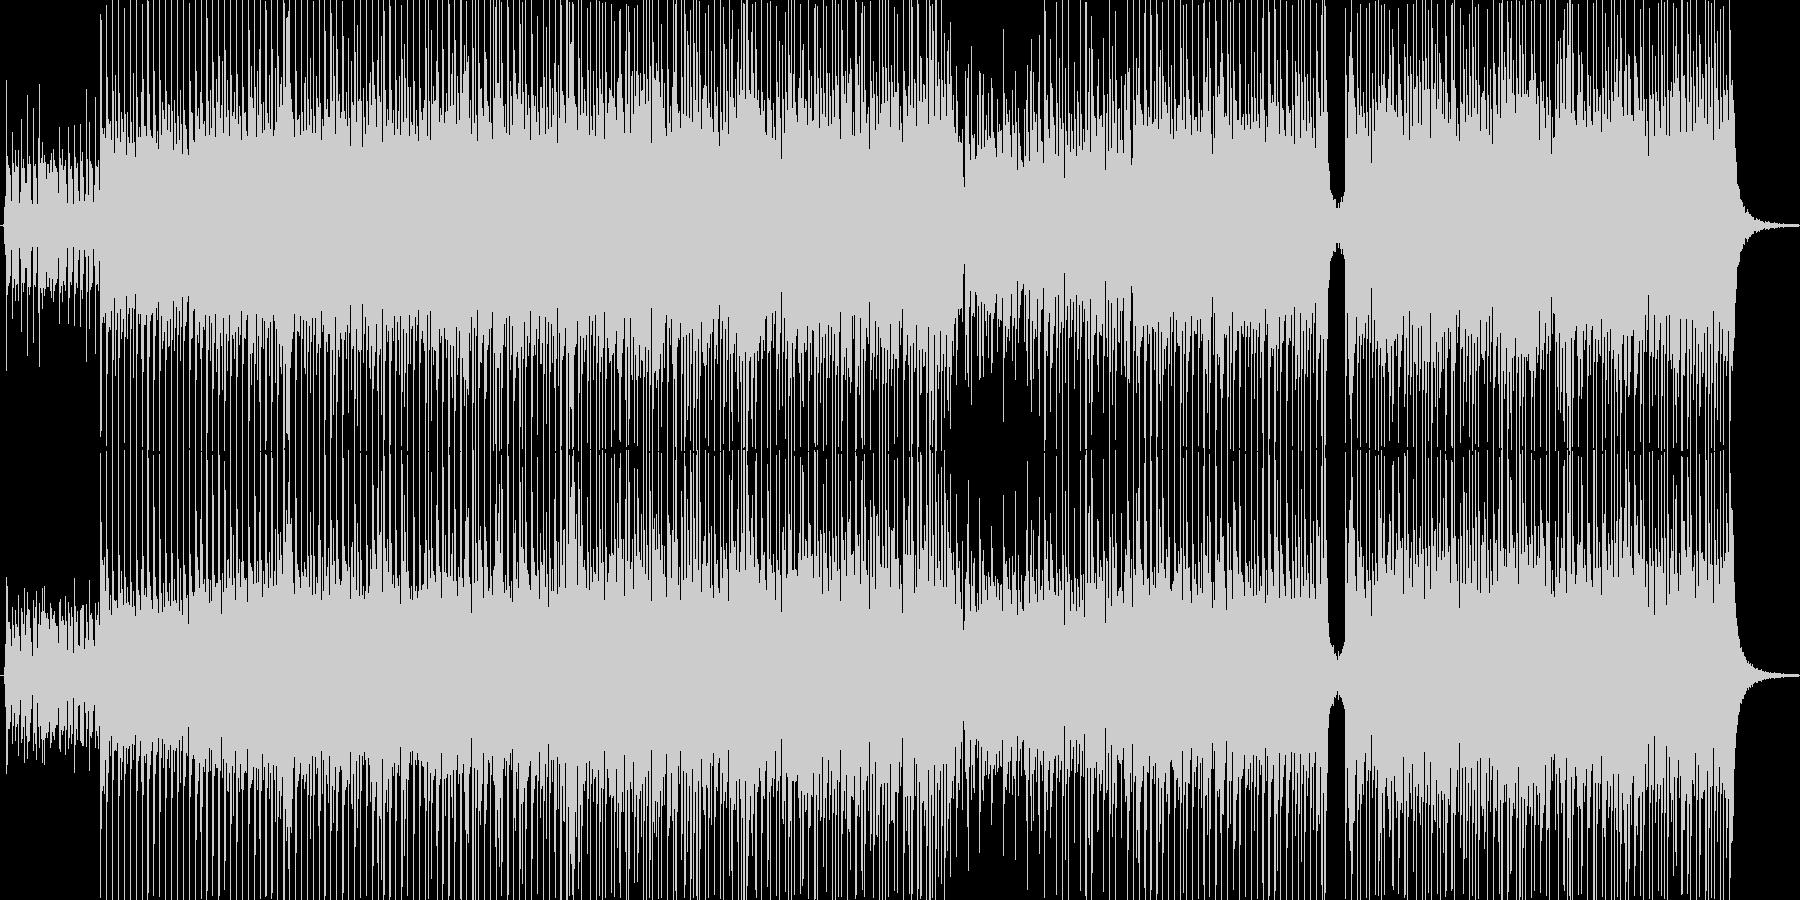 キャッチー、ギター、ロック、CM向けの未再生の波形